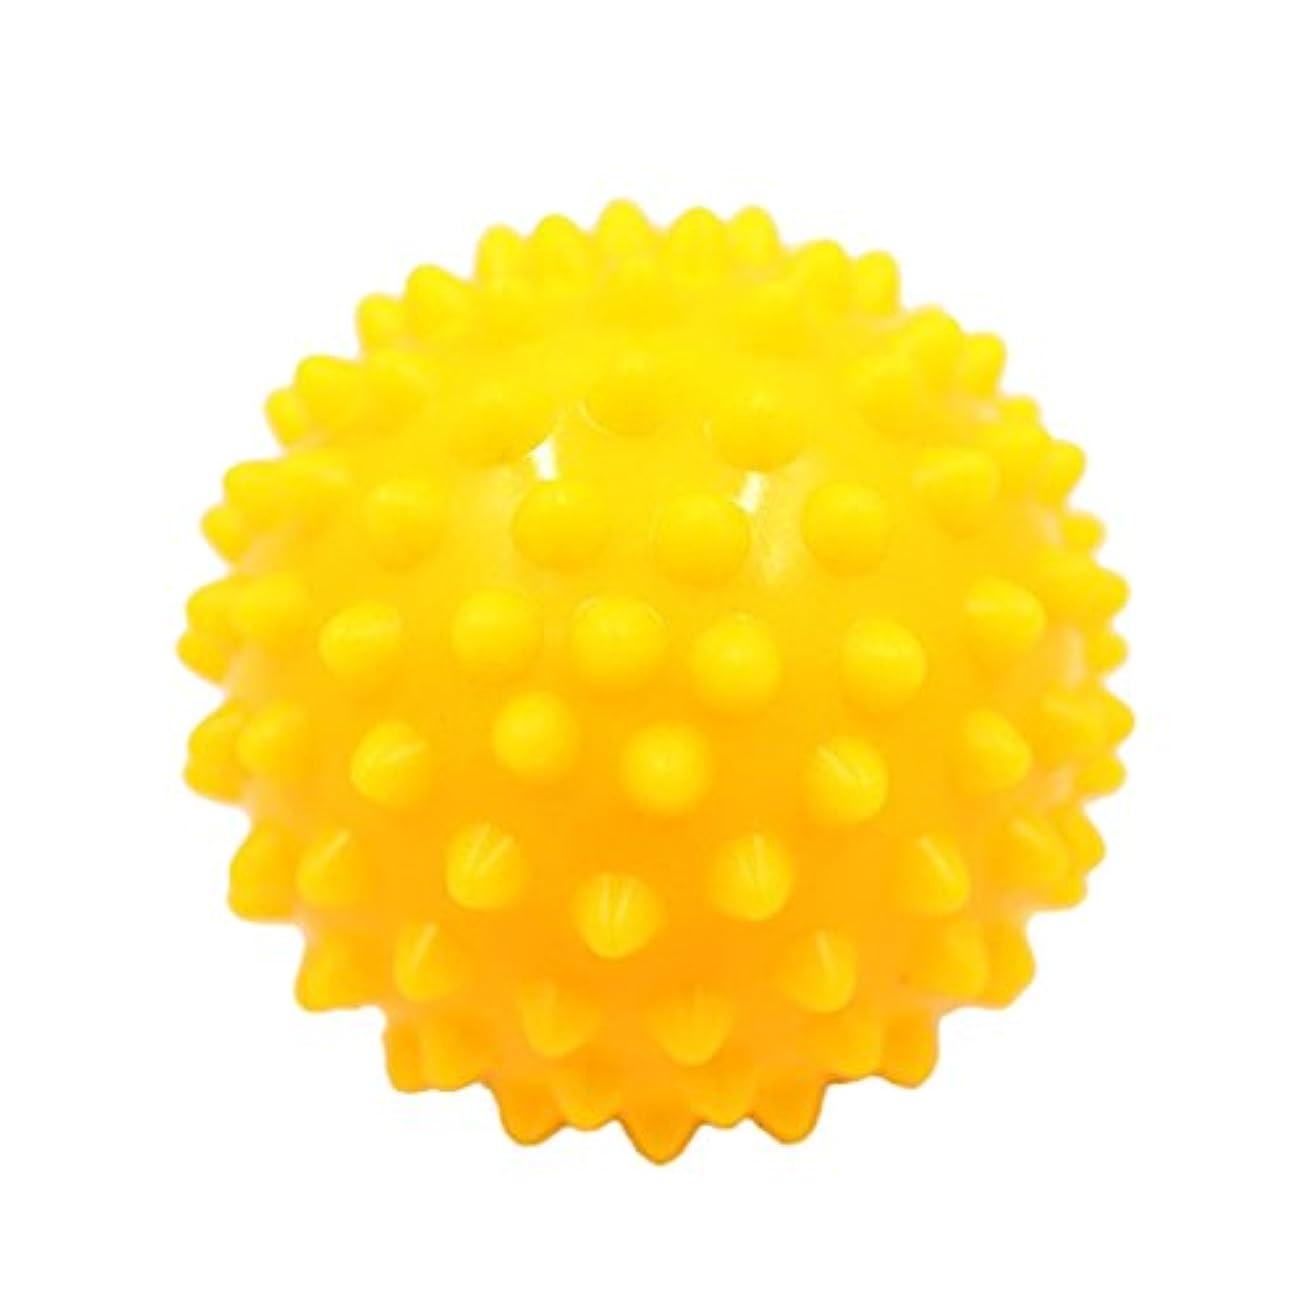 チャップバス効果マッサージボール マッサージ器 ボディ パームレリーフ スパイク マッサージ 刺激ボール 3色選べ - 黄, 説明したように